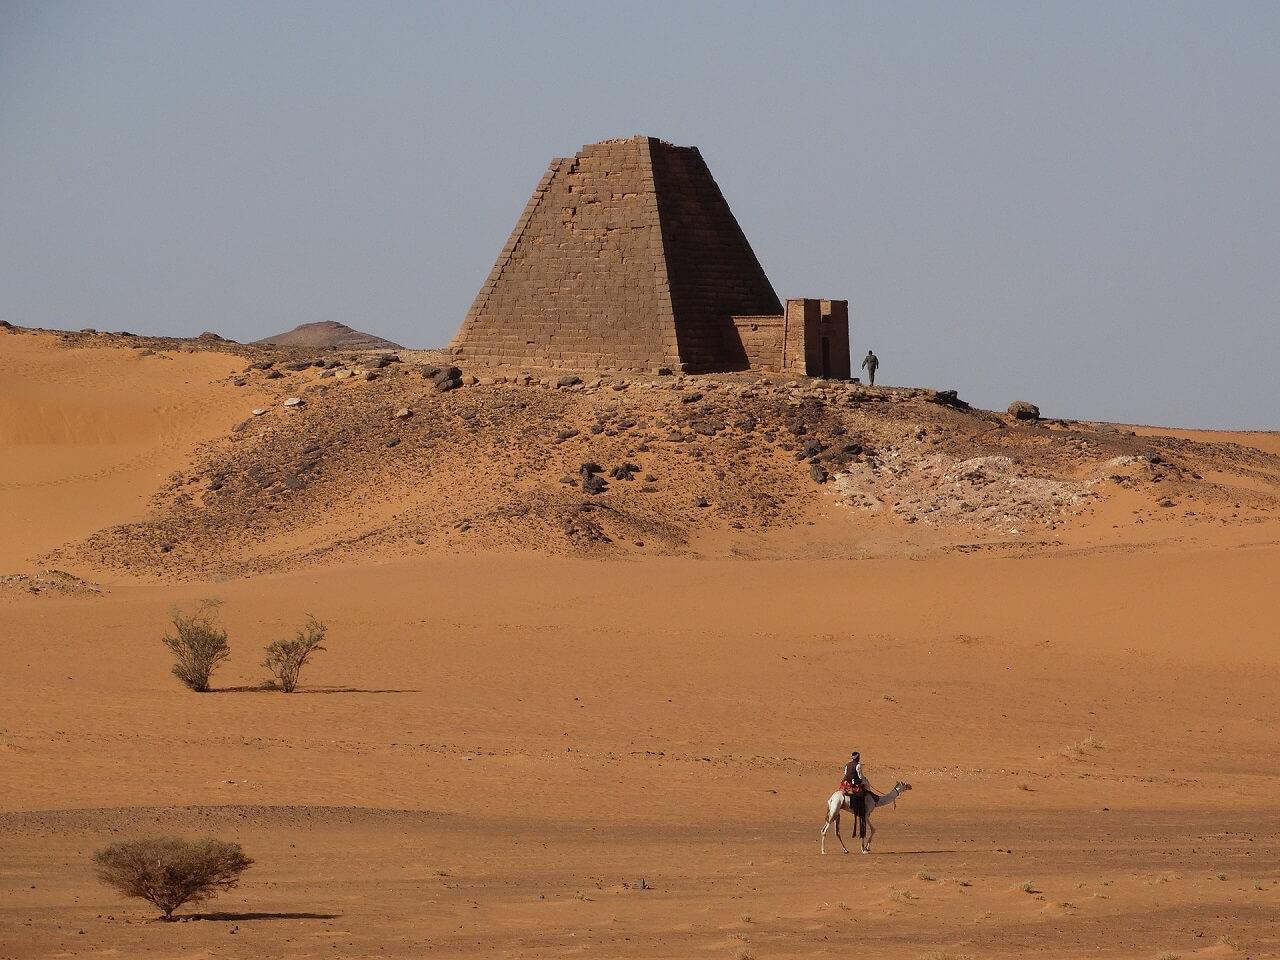 Siti archeologici misteriosi nel mondo: le piramidi di Meroe